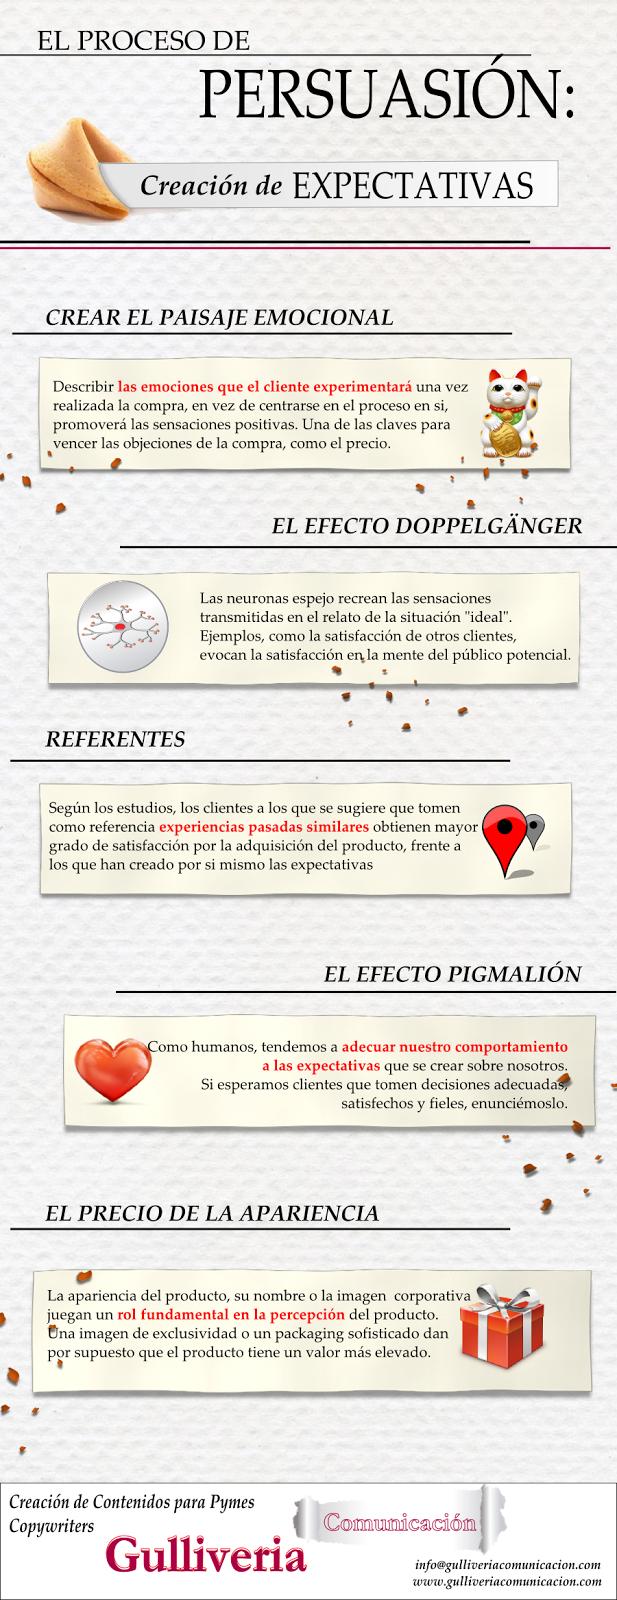 Cómo crear expectativas. Gulliveria Comunicación. Infografía